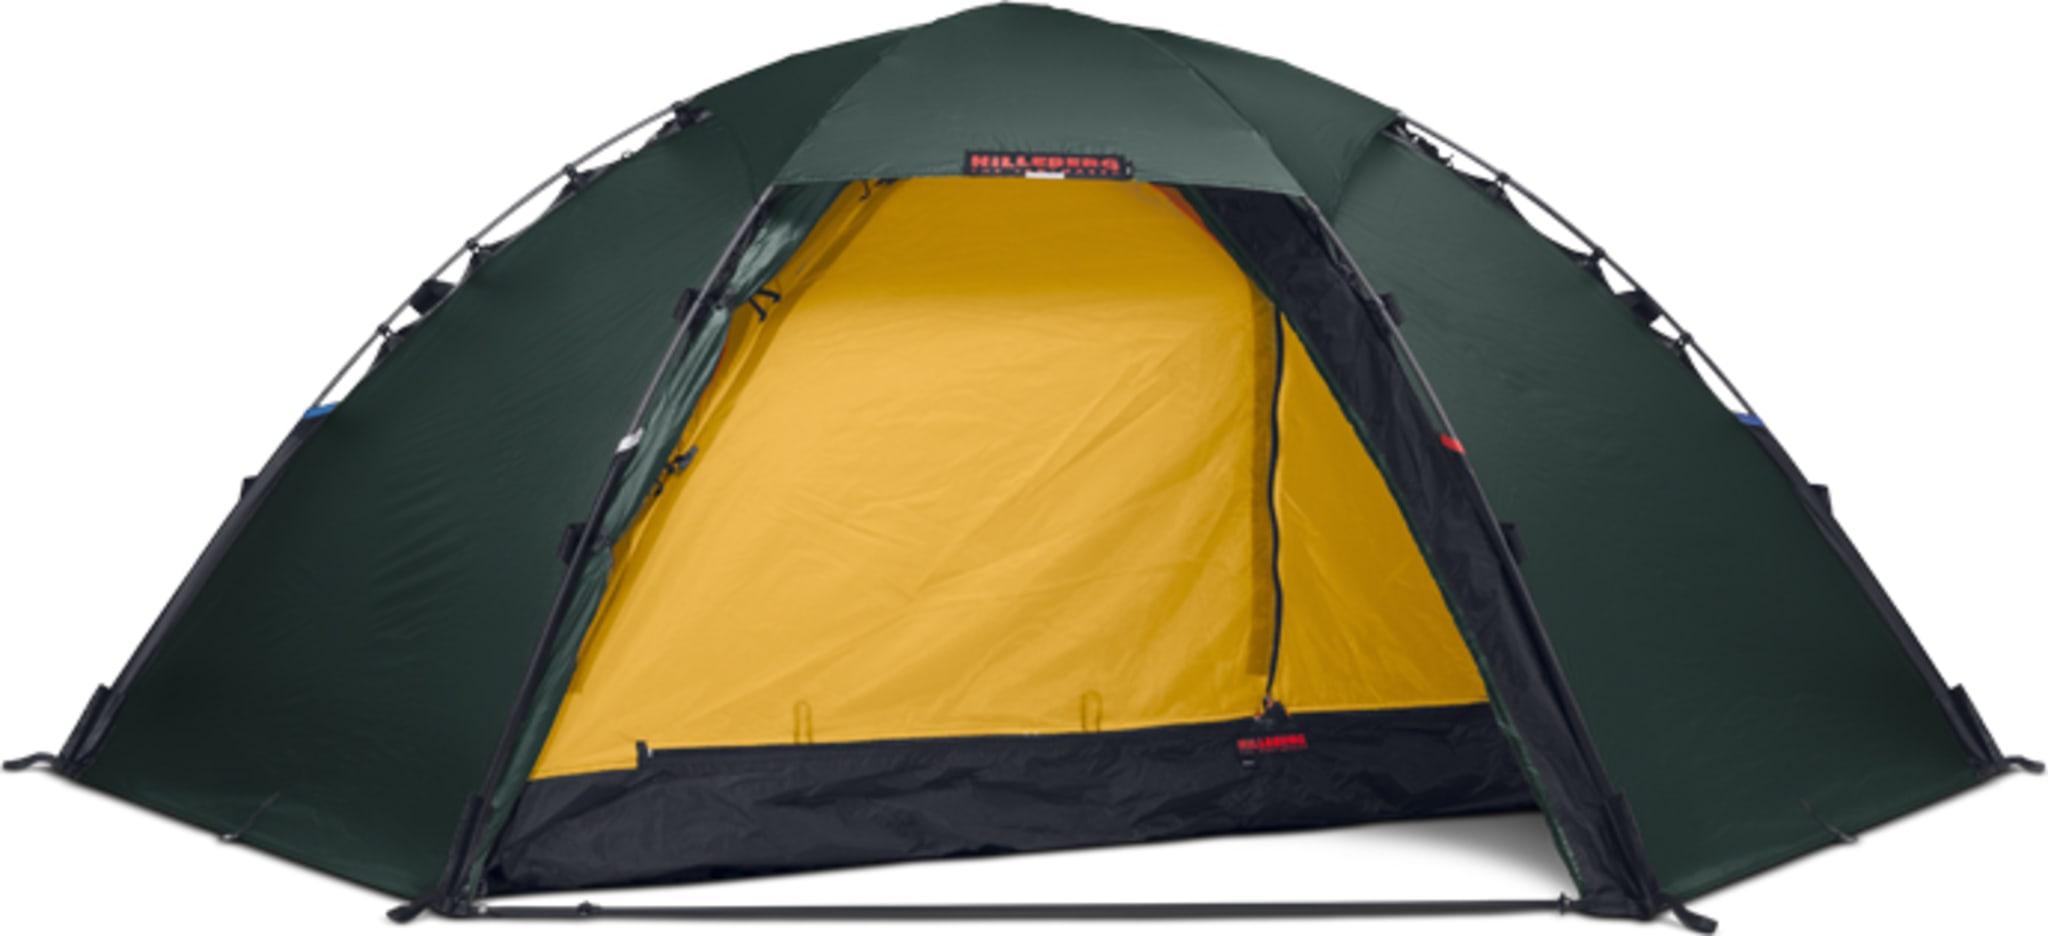 Selvstående 2-manns telt